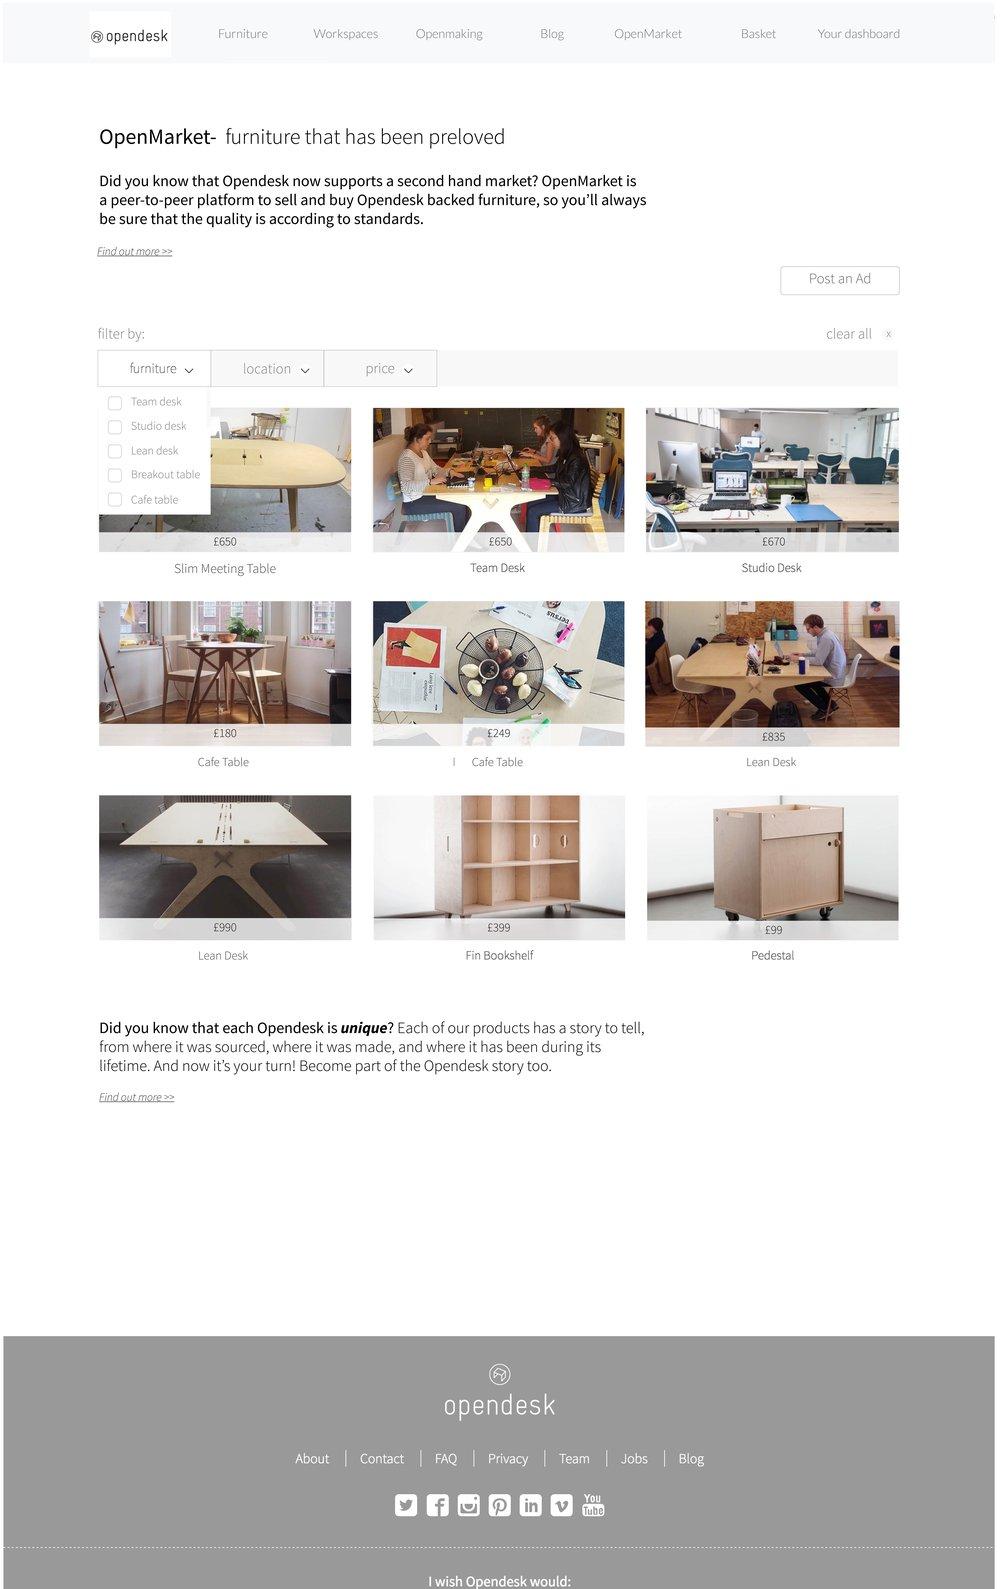 OpenMarket (second hand platform) - Design for reuse